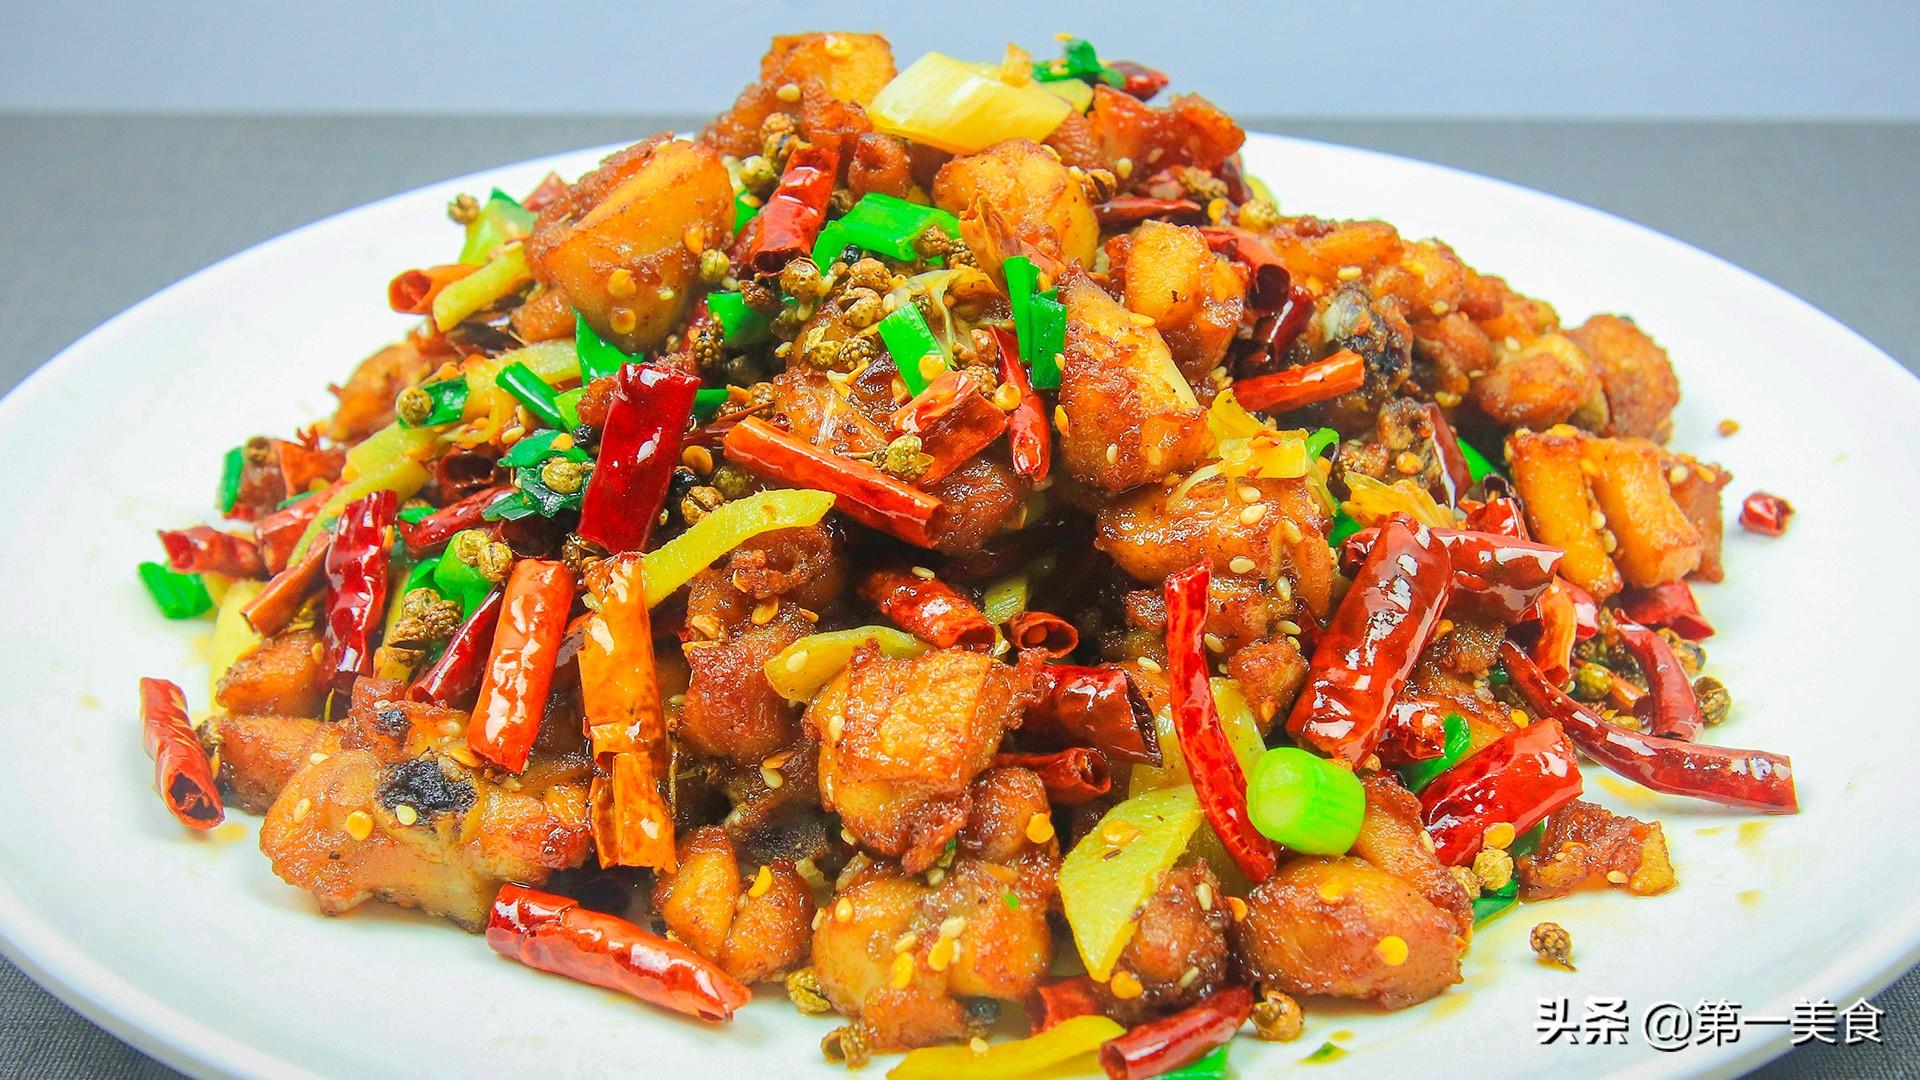 辣子鸡丁怎么做才好吃 学会这几个技巧 干酥香辣 鸡块入味